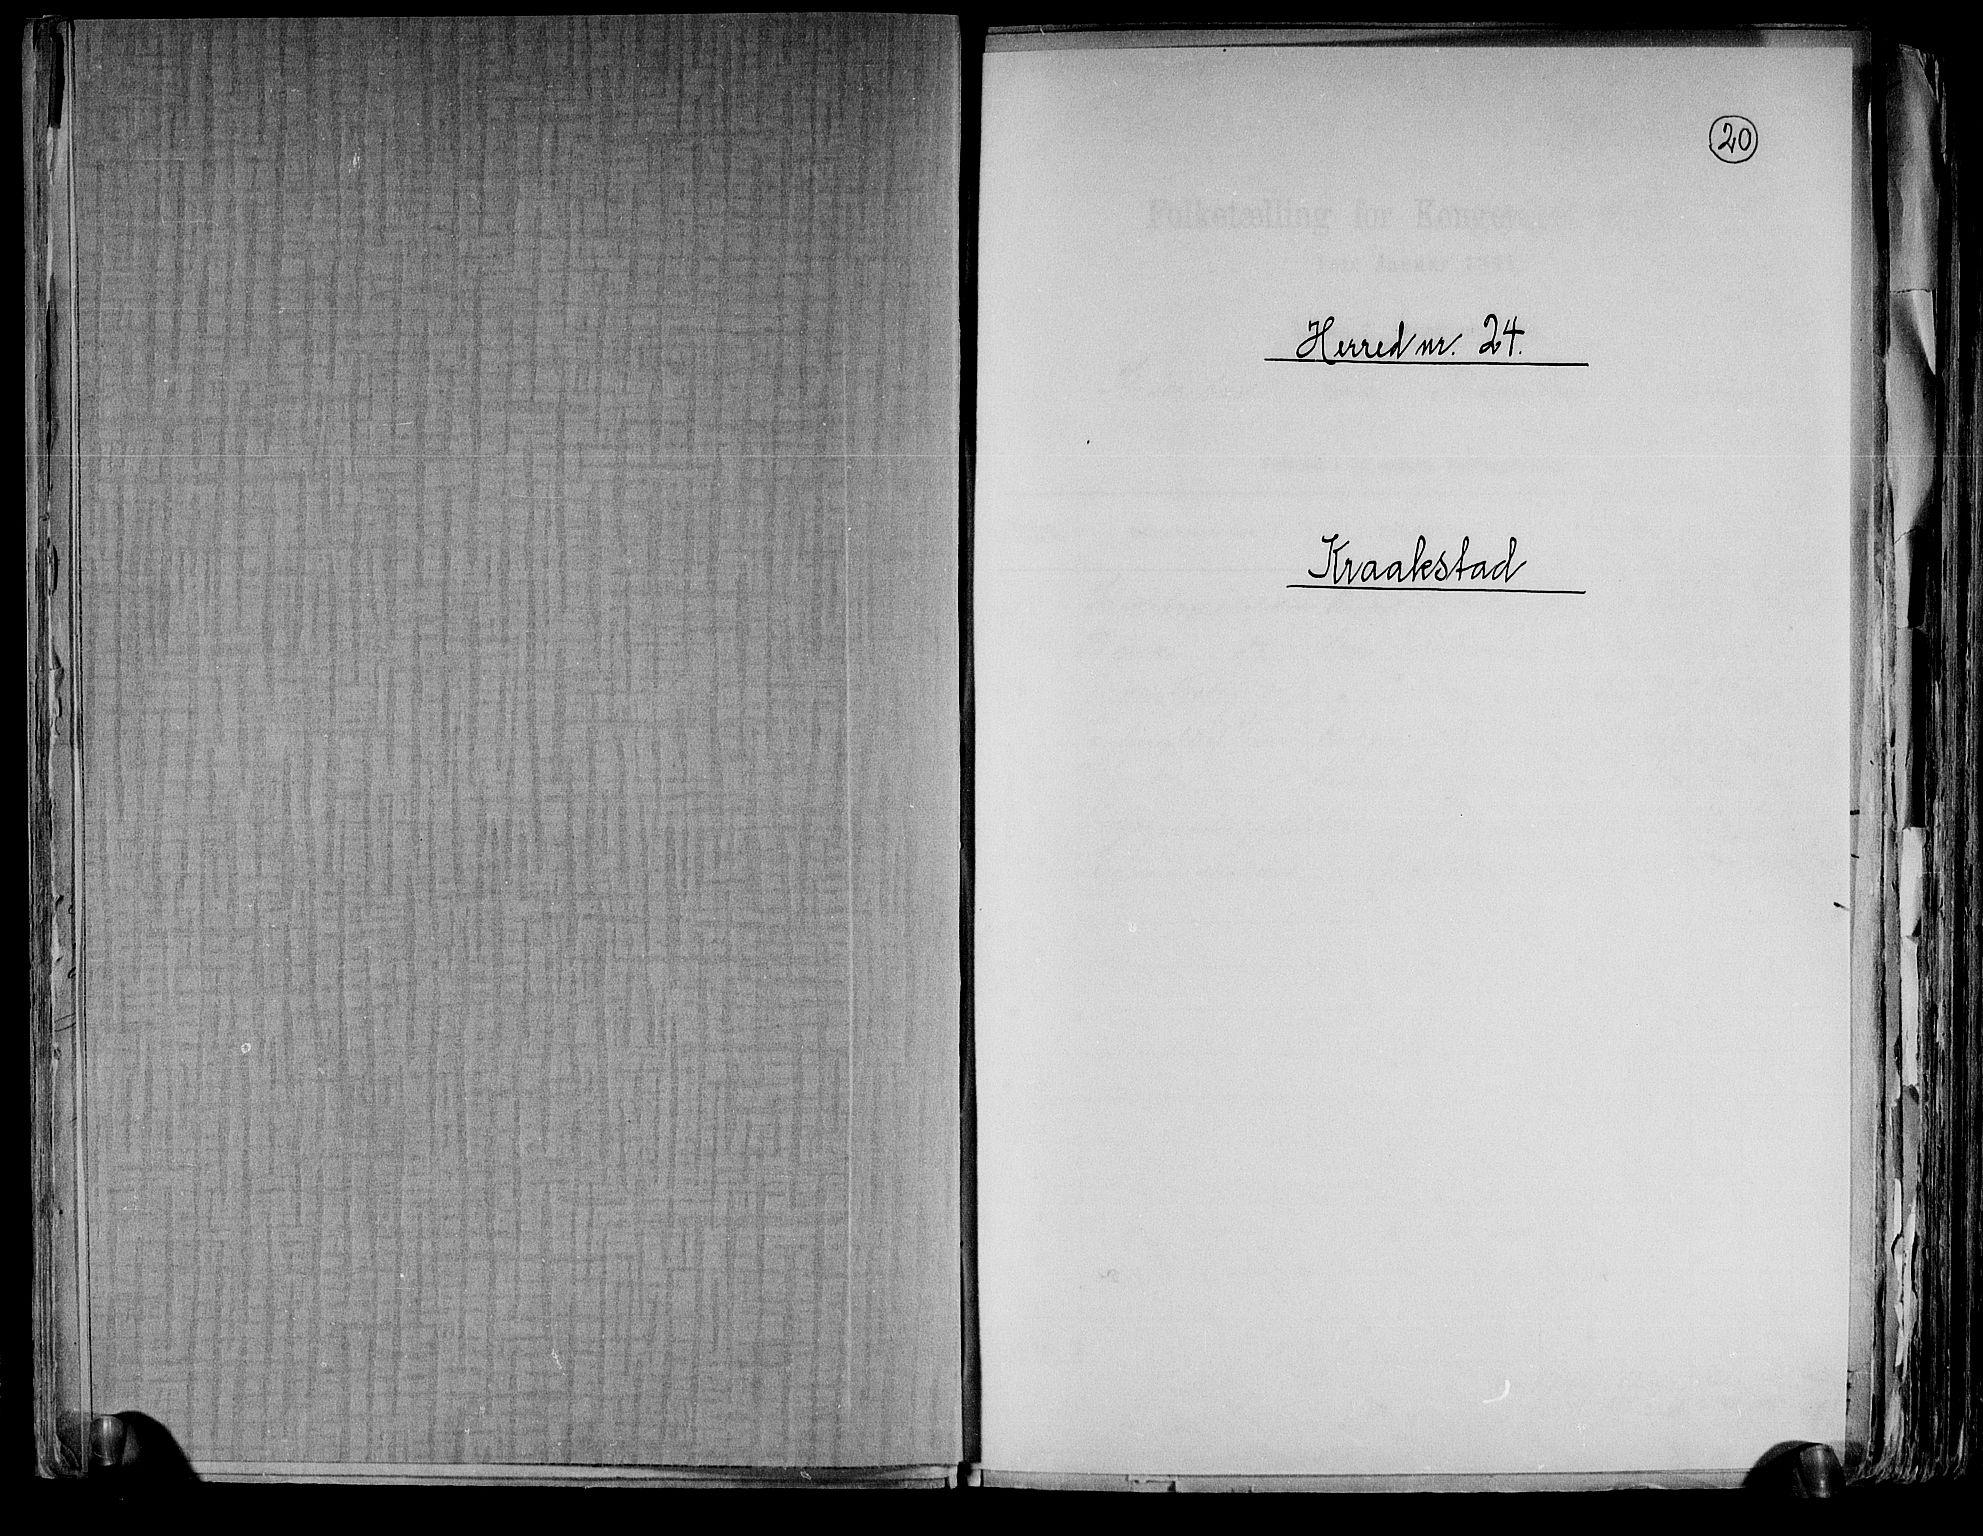 RA, Folketelling 1891 for 0212 Kråkstad herred, 1891, s. 1